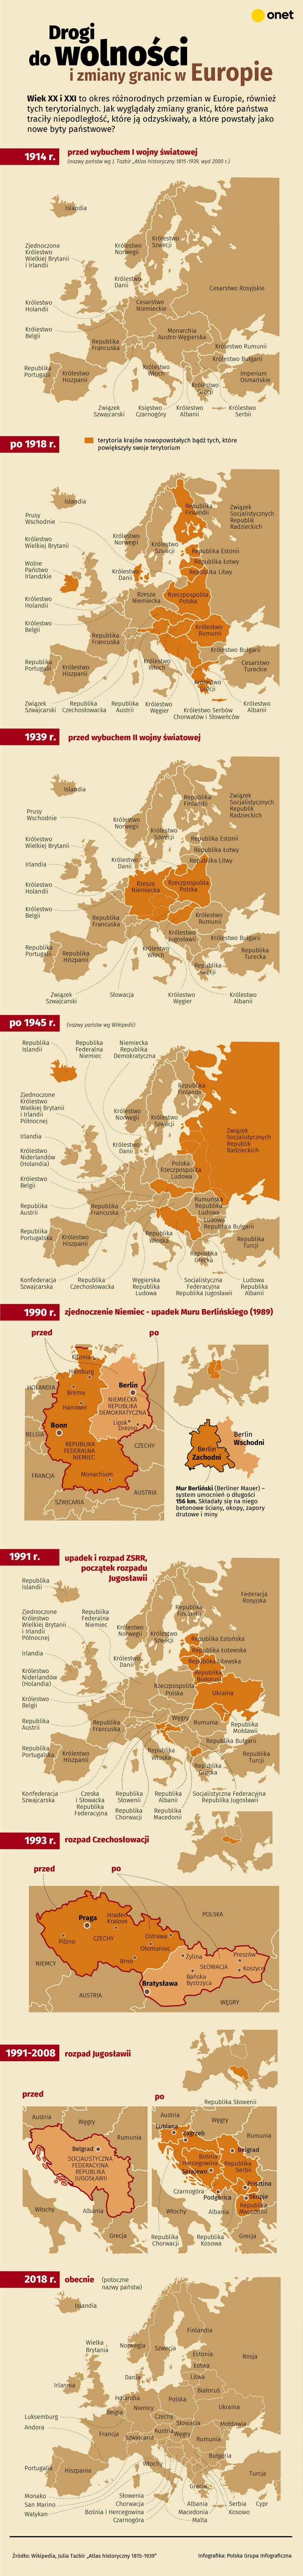 Drogi do wolności i zmiany granic w Europie Ciekawostki